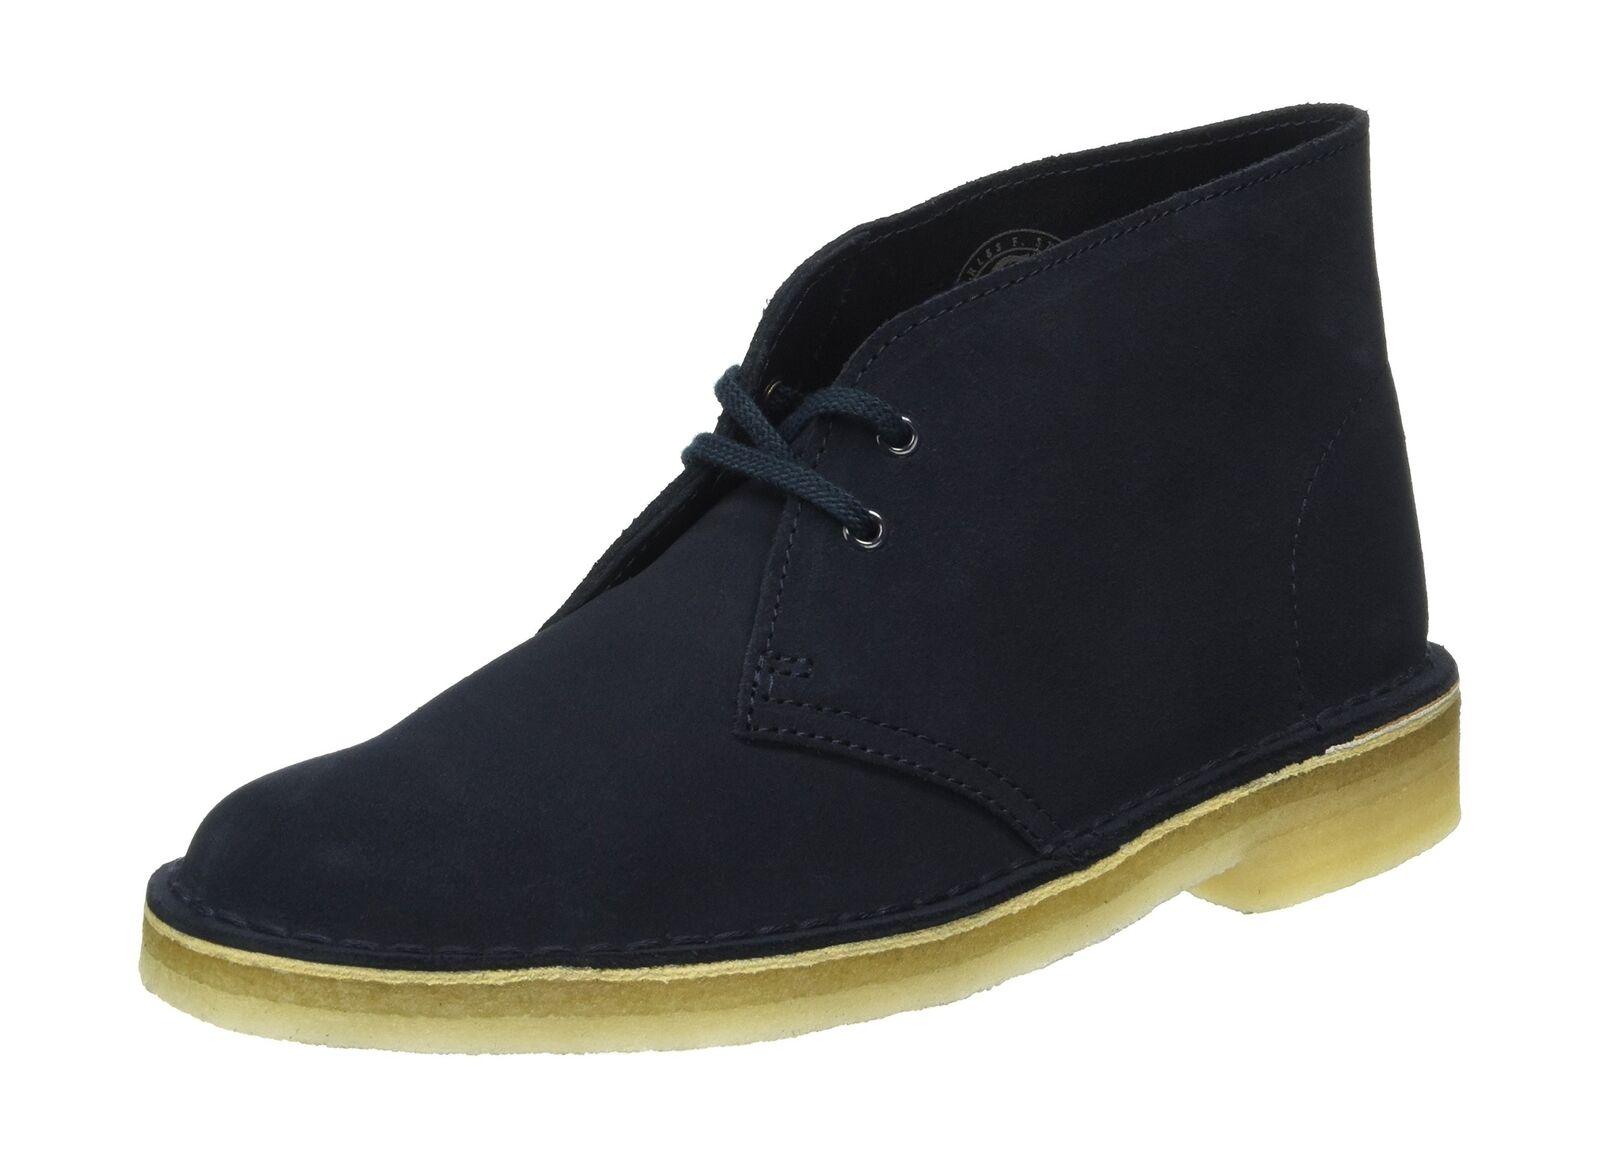 0d07220f0be45d Originals Desert Boots Dark Navy Suede 7 UK Women  s Clarks ...